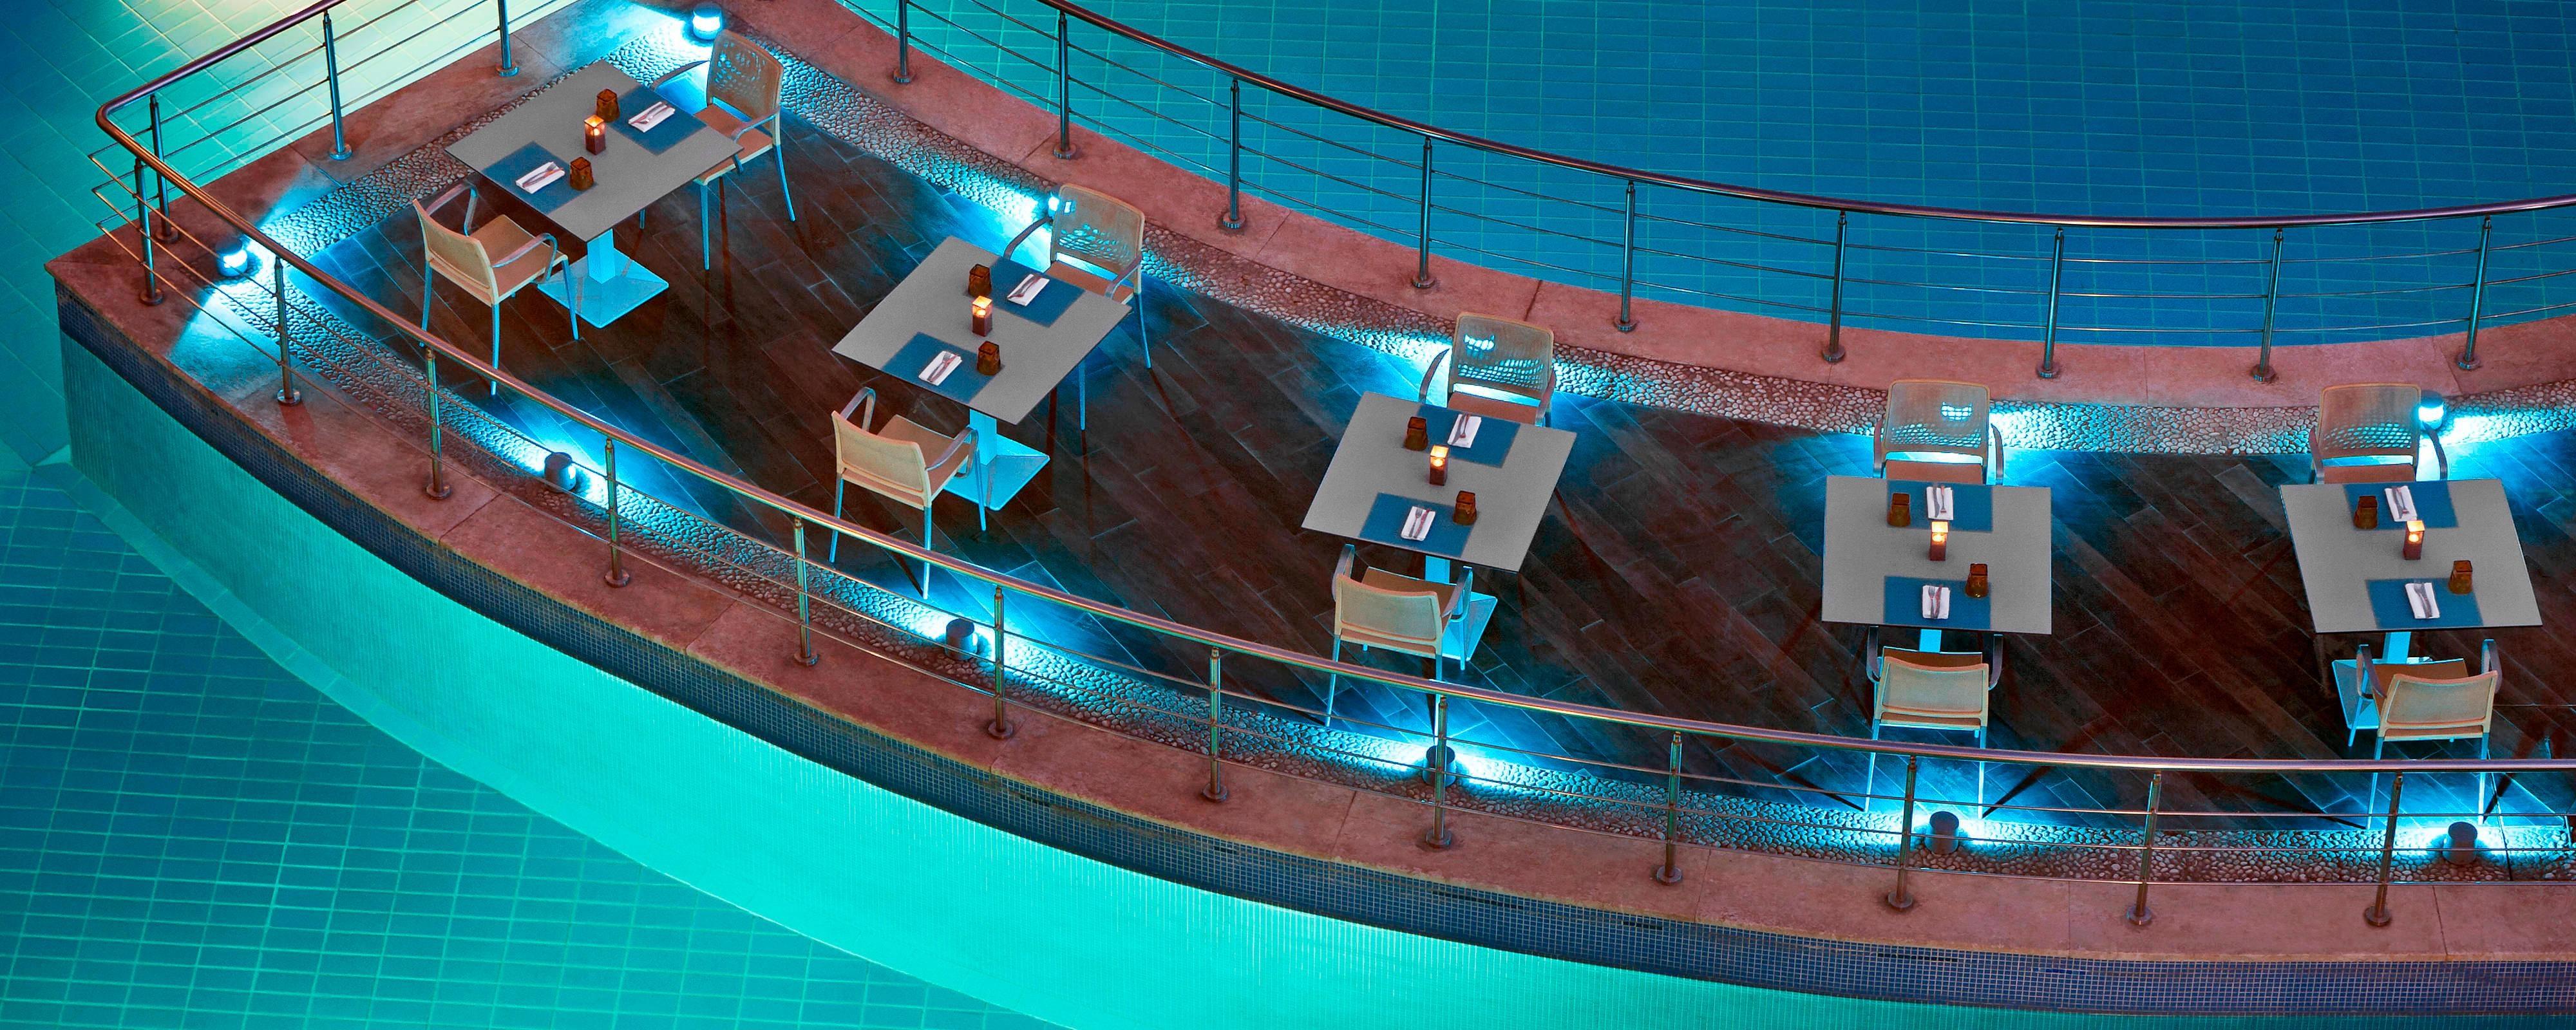 Citrus Restaurant - Pool island